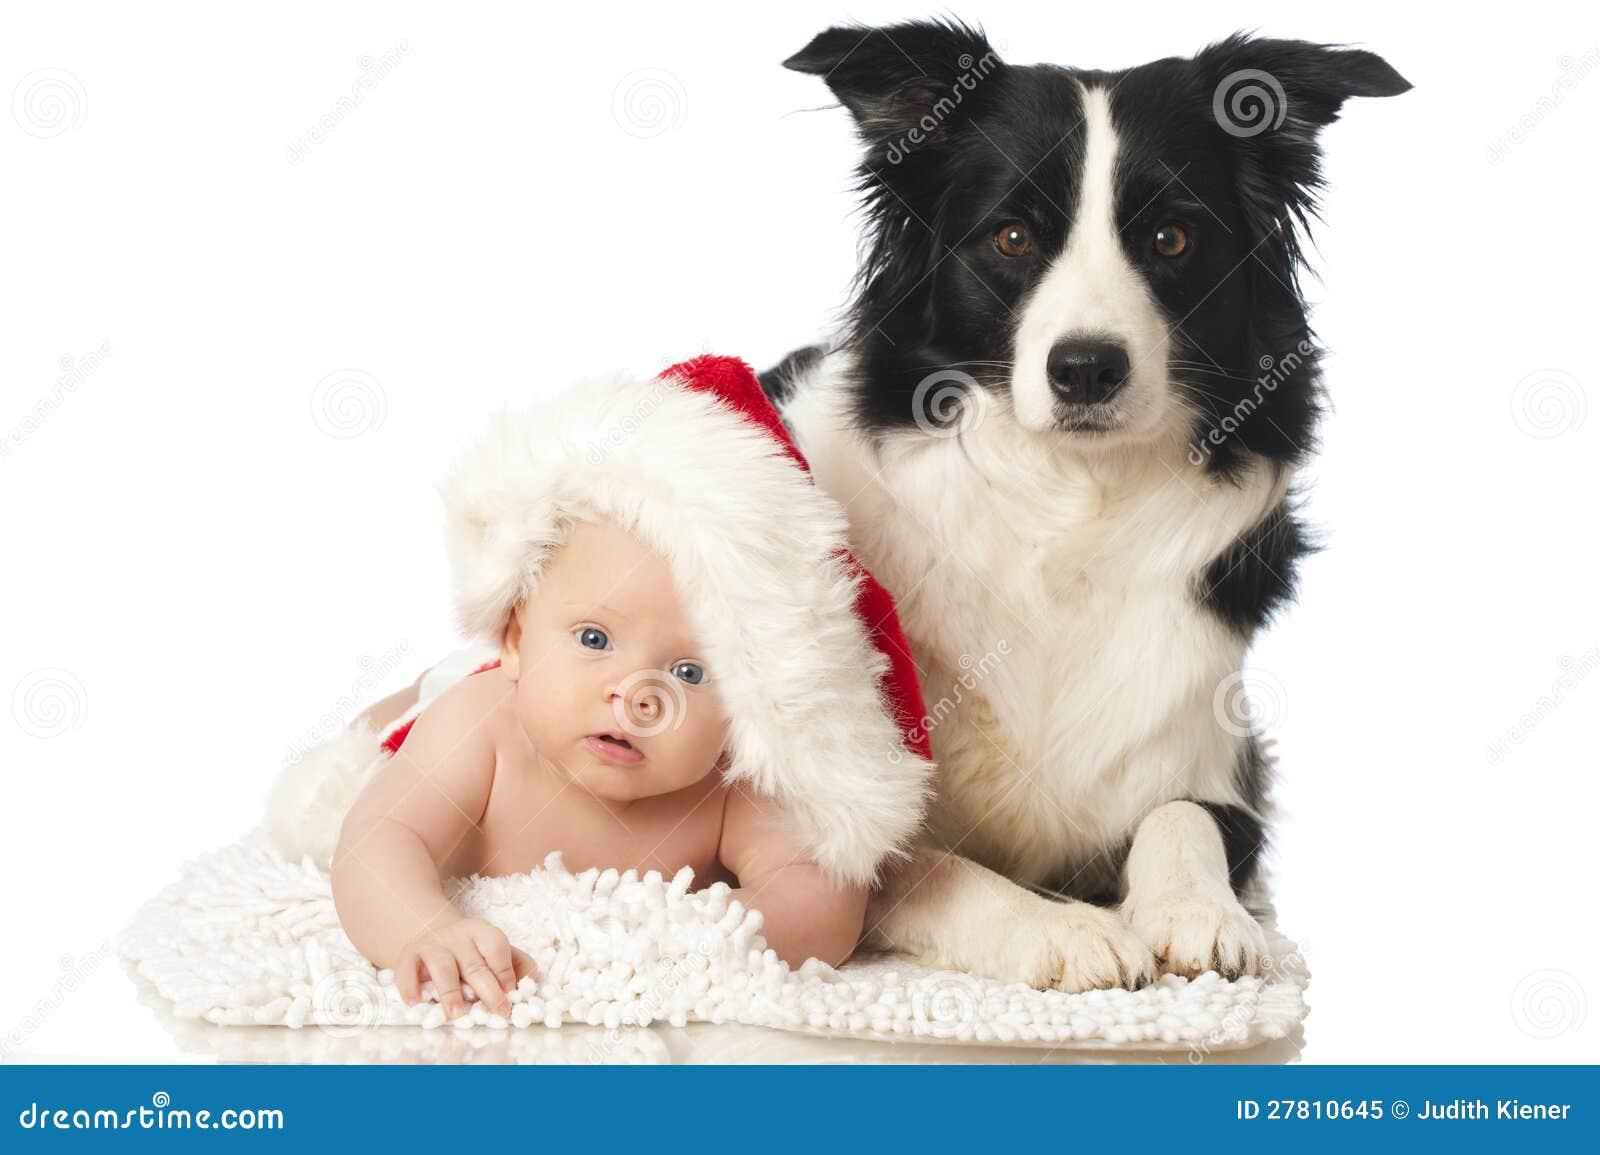 Christmas baby with dog